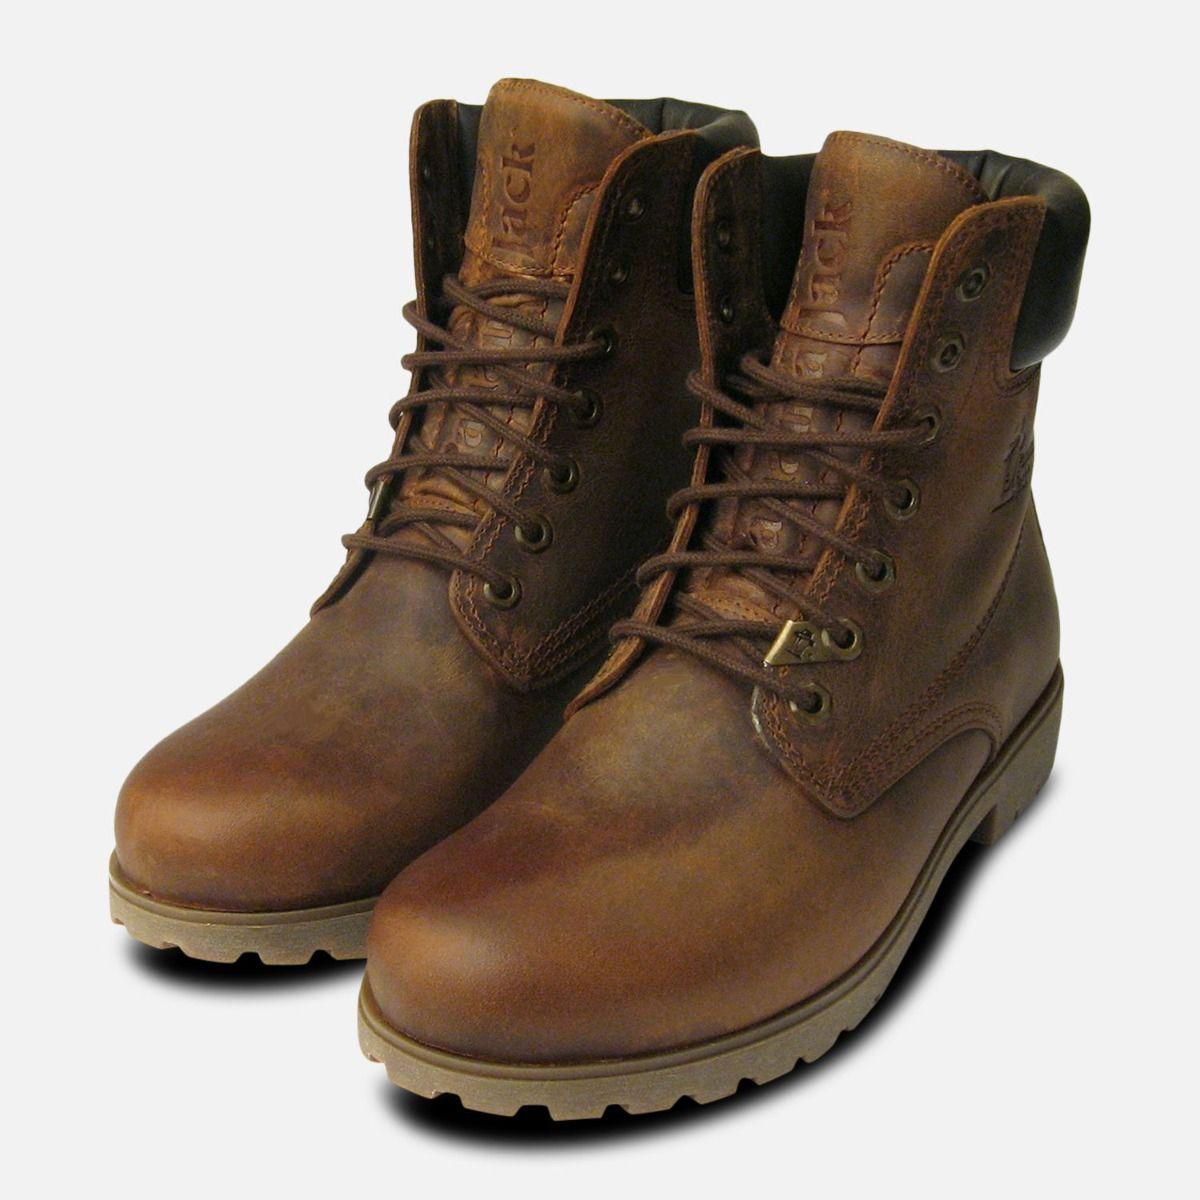 Panama Jack Original Mens Brown Bark Boots 993dab6b8d1